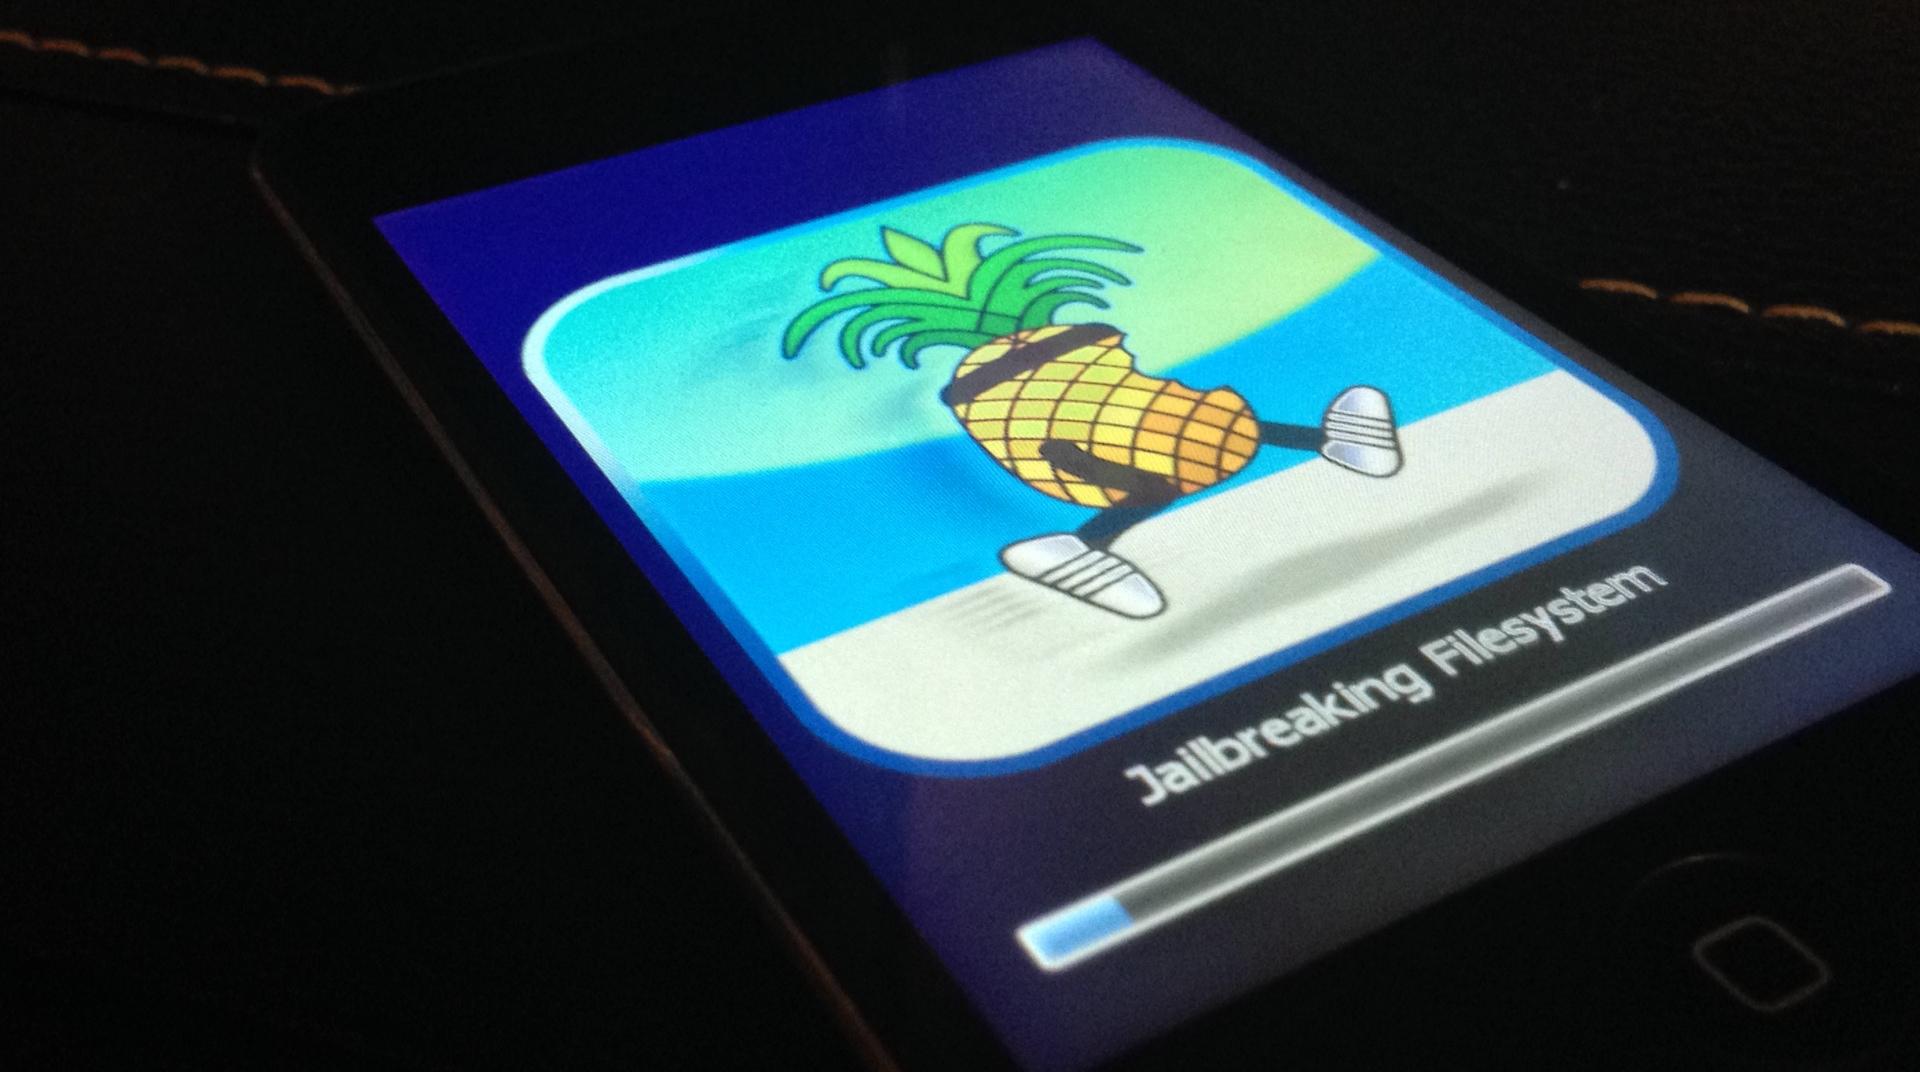 jailbreak Jailbreak Untethered iOS 6.1.3 à 6.1.5 avec p0xisxpwn